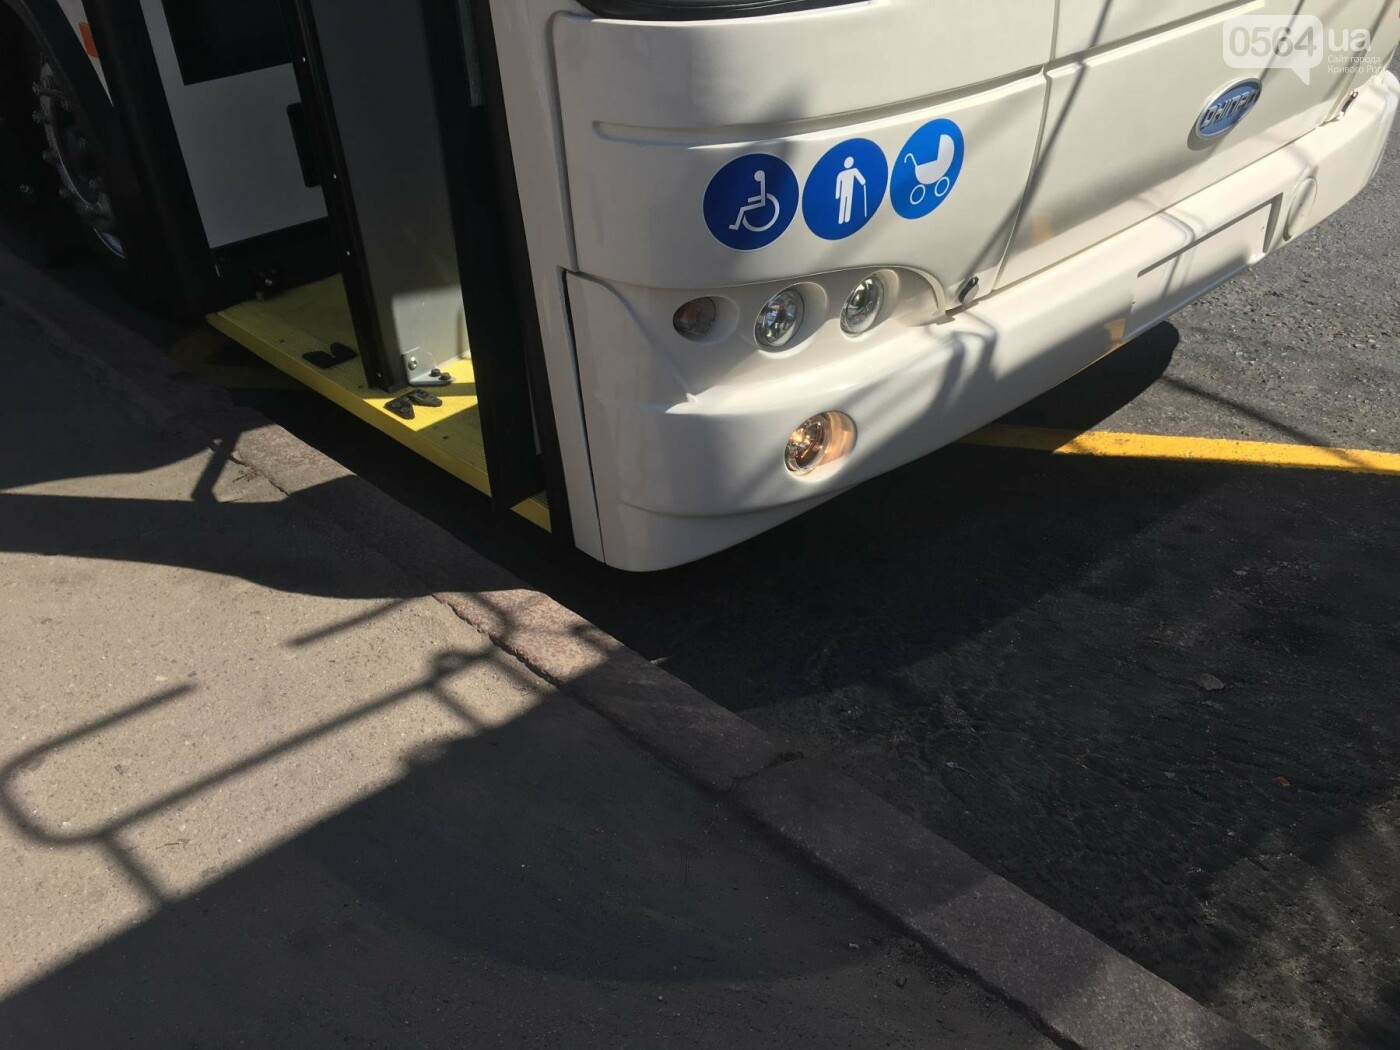 Как в Кривом Роге торжественно вручили водителям ключи от новых троллейбусов и автобусов, - ФОТО, ВИДЕО, фото-23